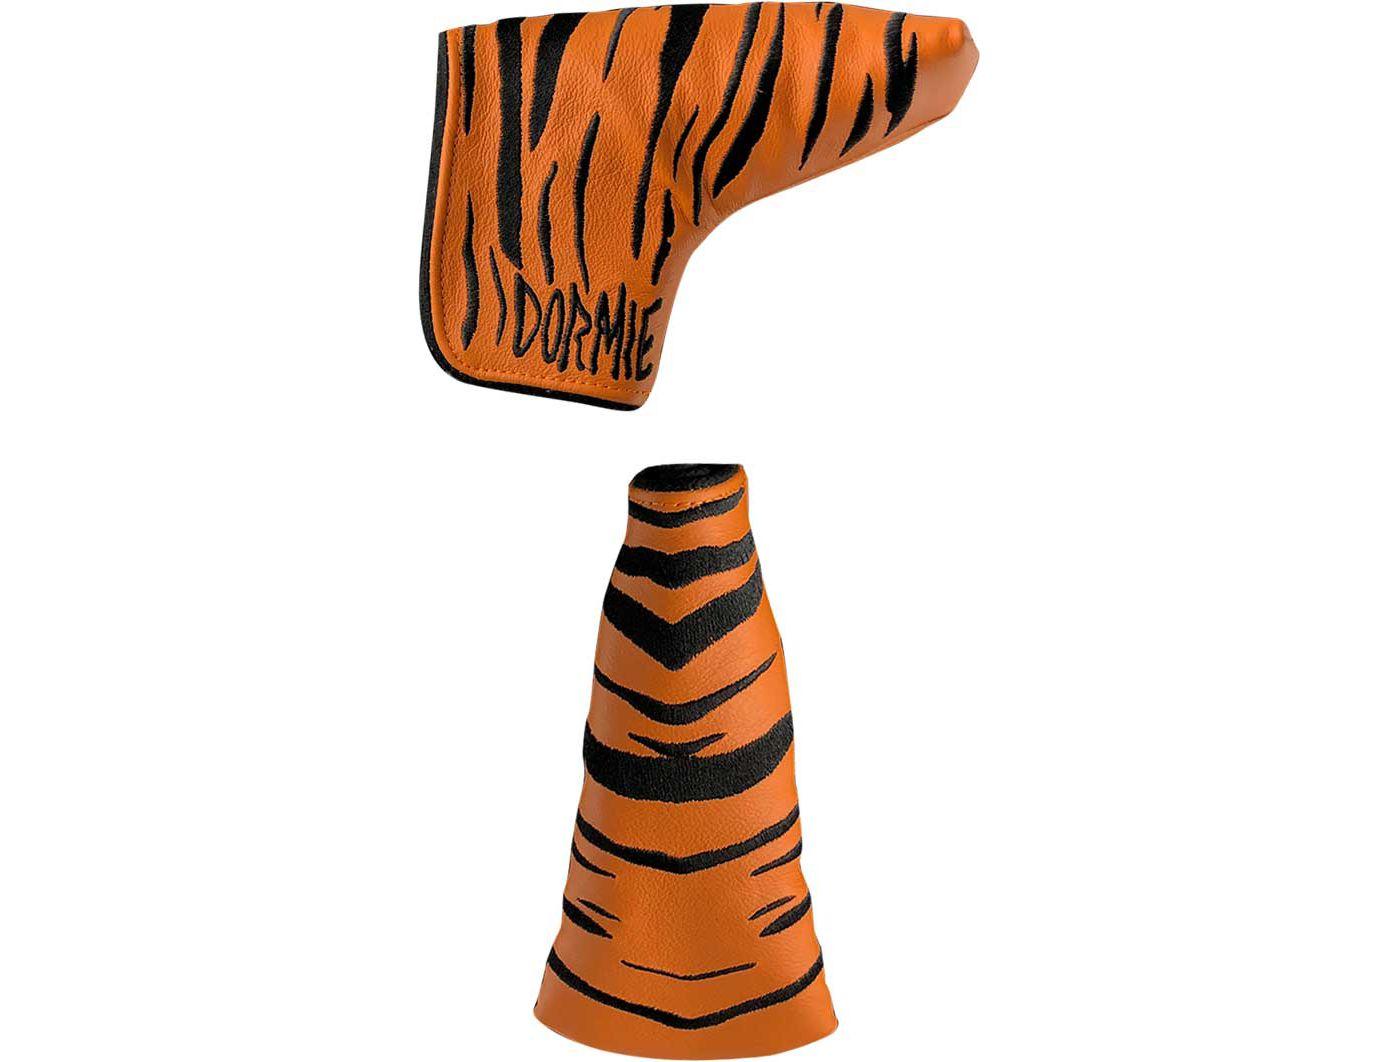 Dormie Workshop Tiger Blade Putter Headcover